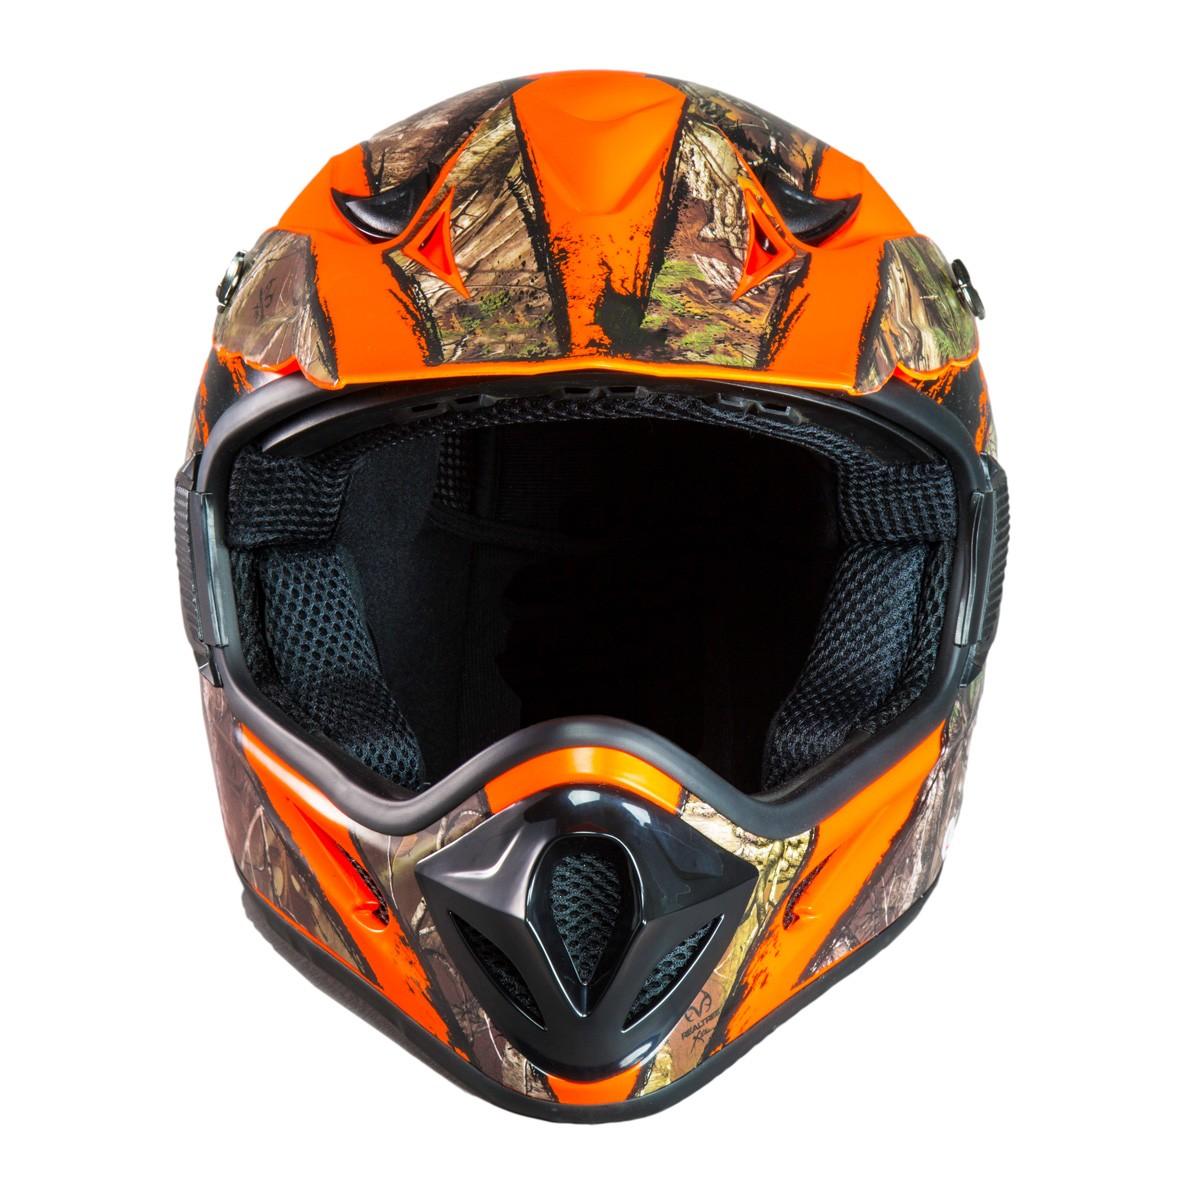 Camo Atv Helmets Men